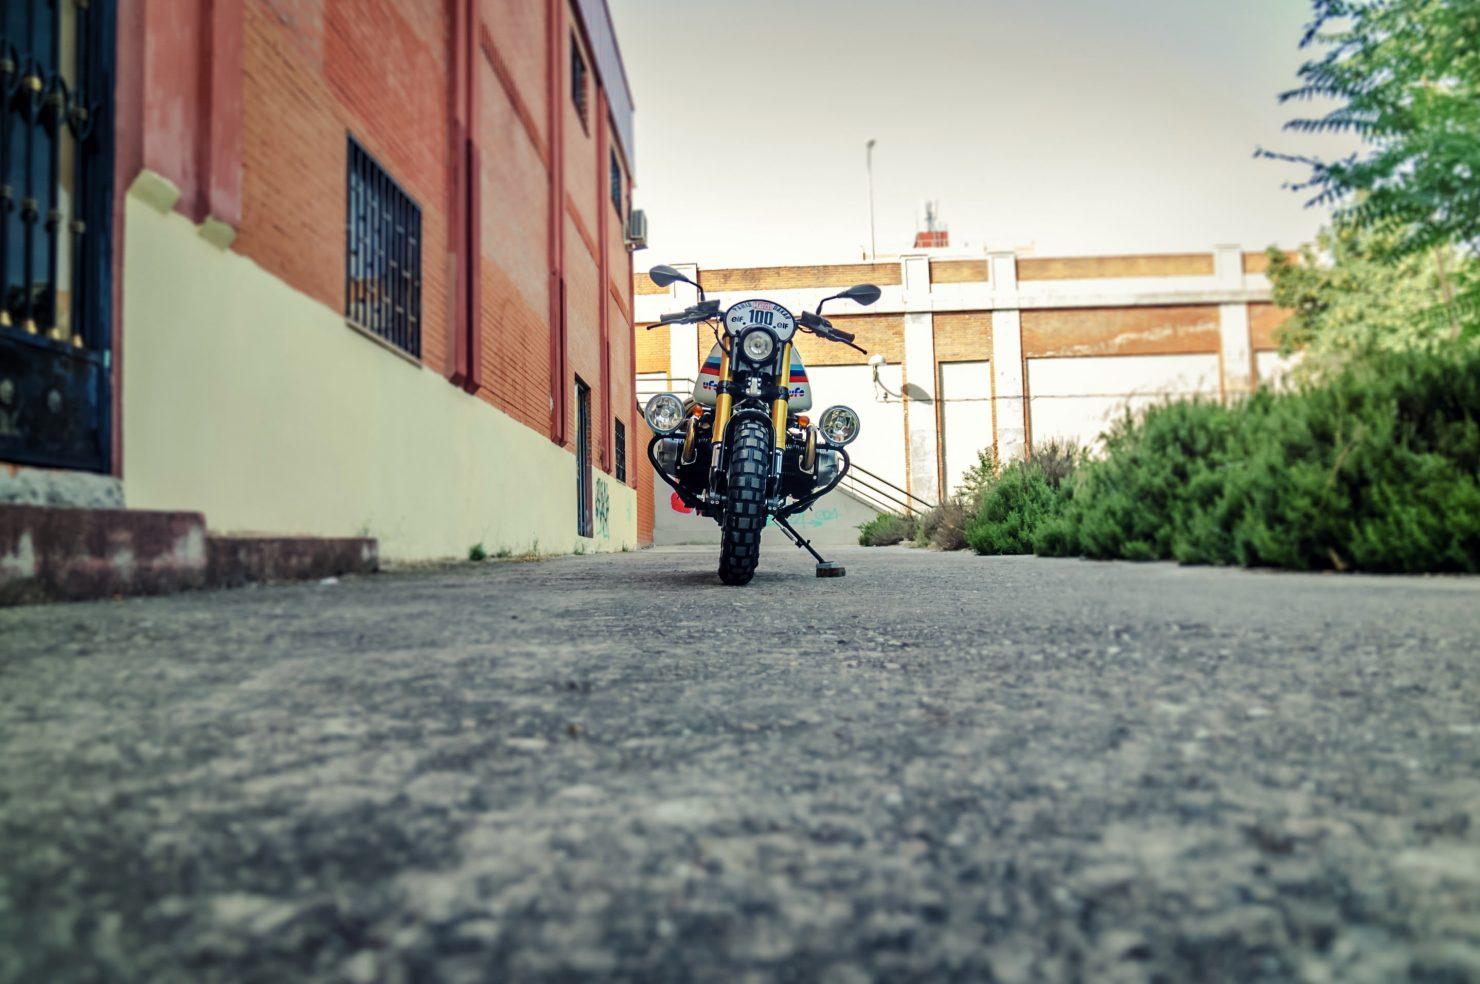 BMW R Nine T Custom Motorbike 12 1480x984 - XTR Pepo BMW R nineT Paris Dakar